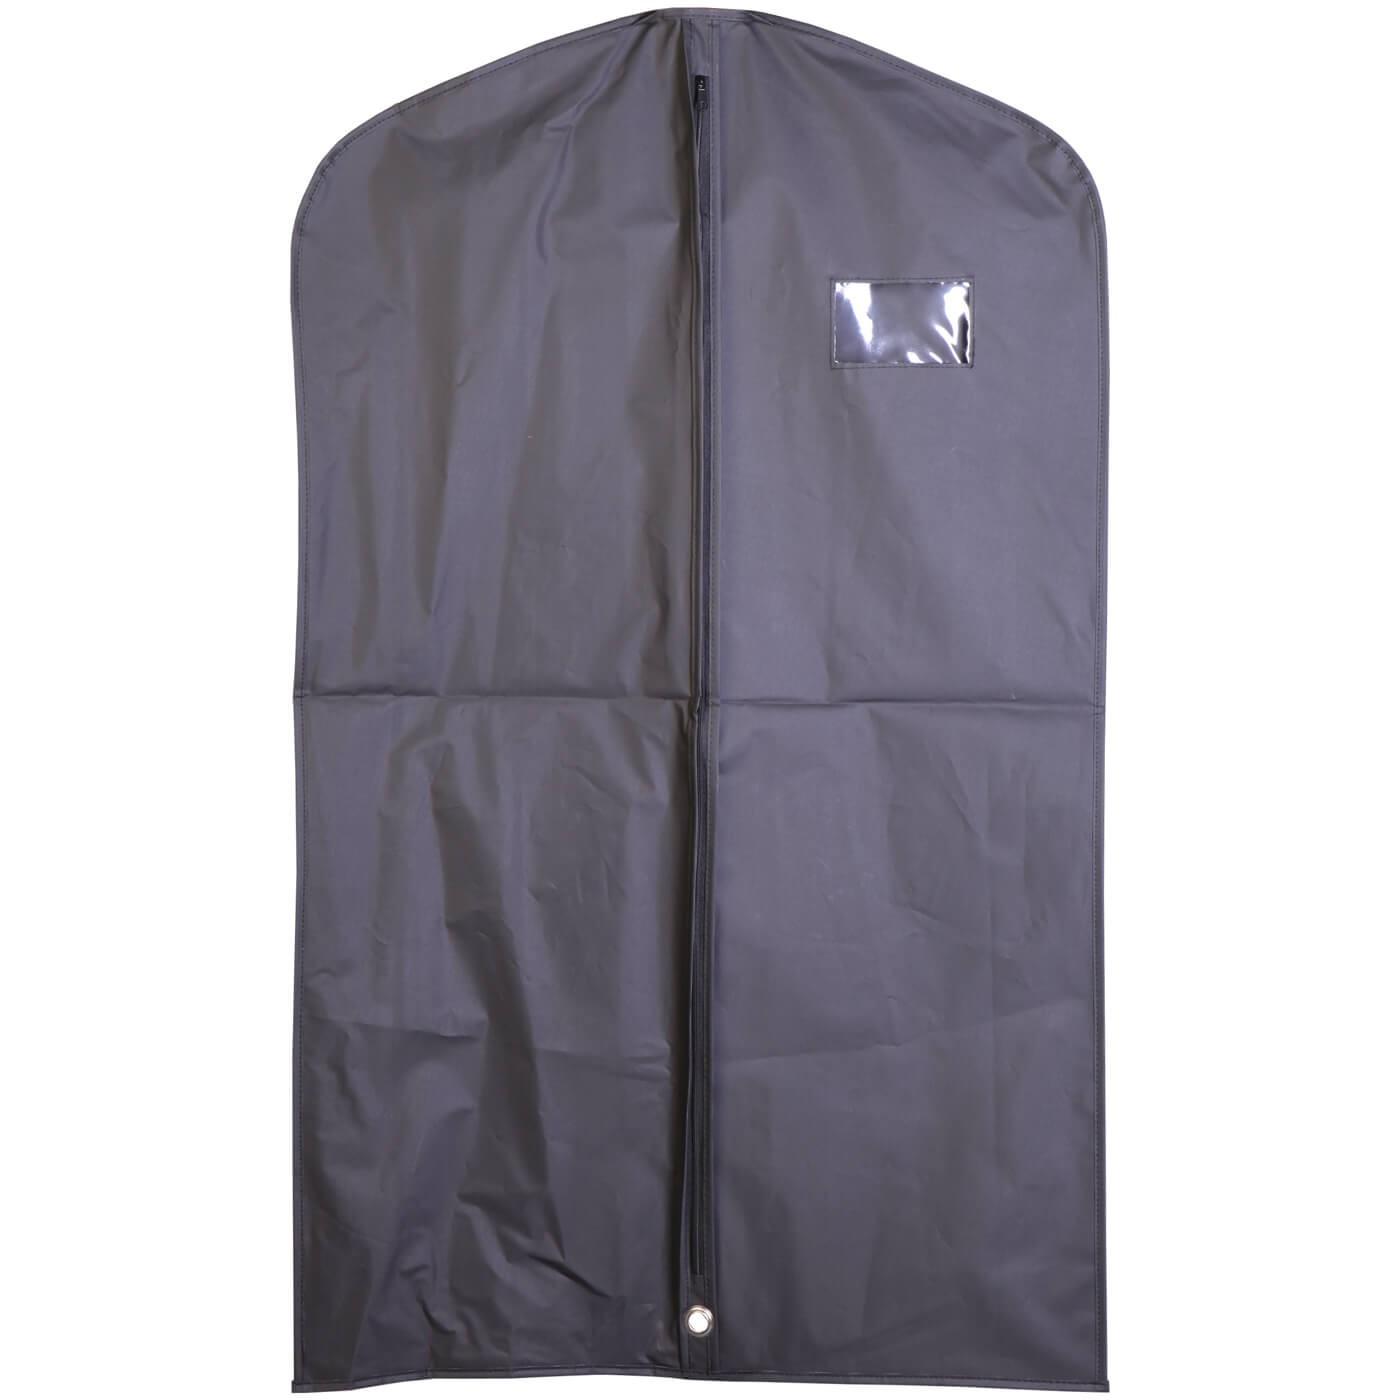 Kleidersack fur langes kleid